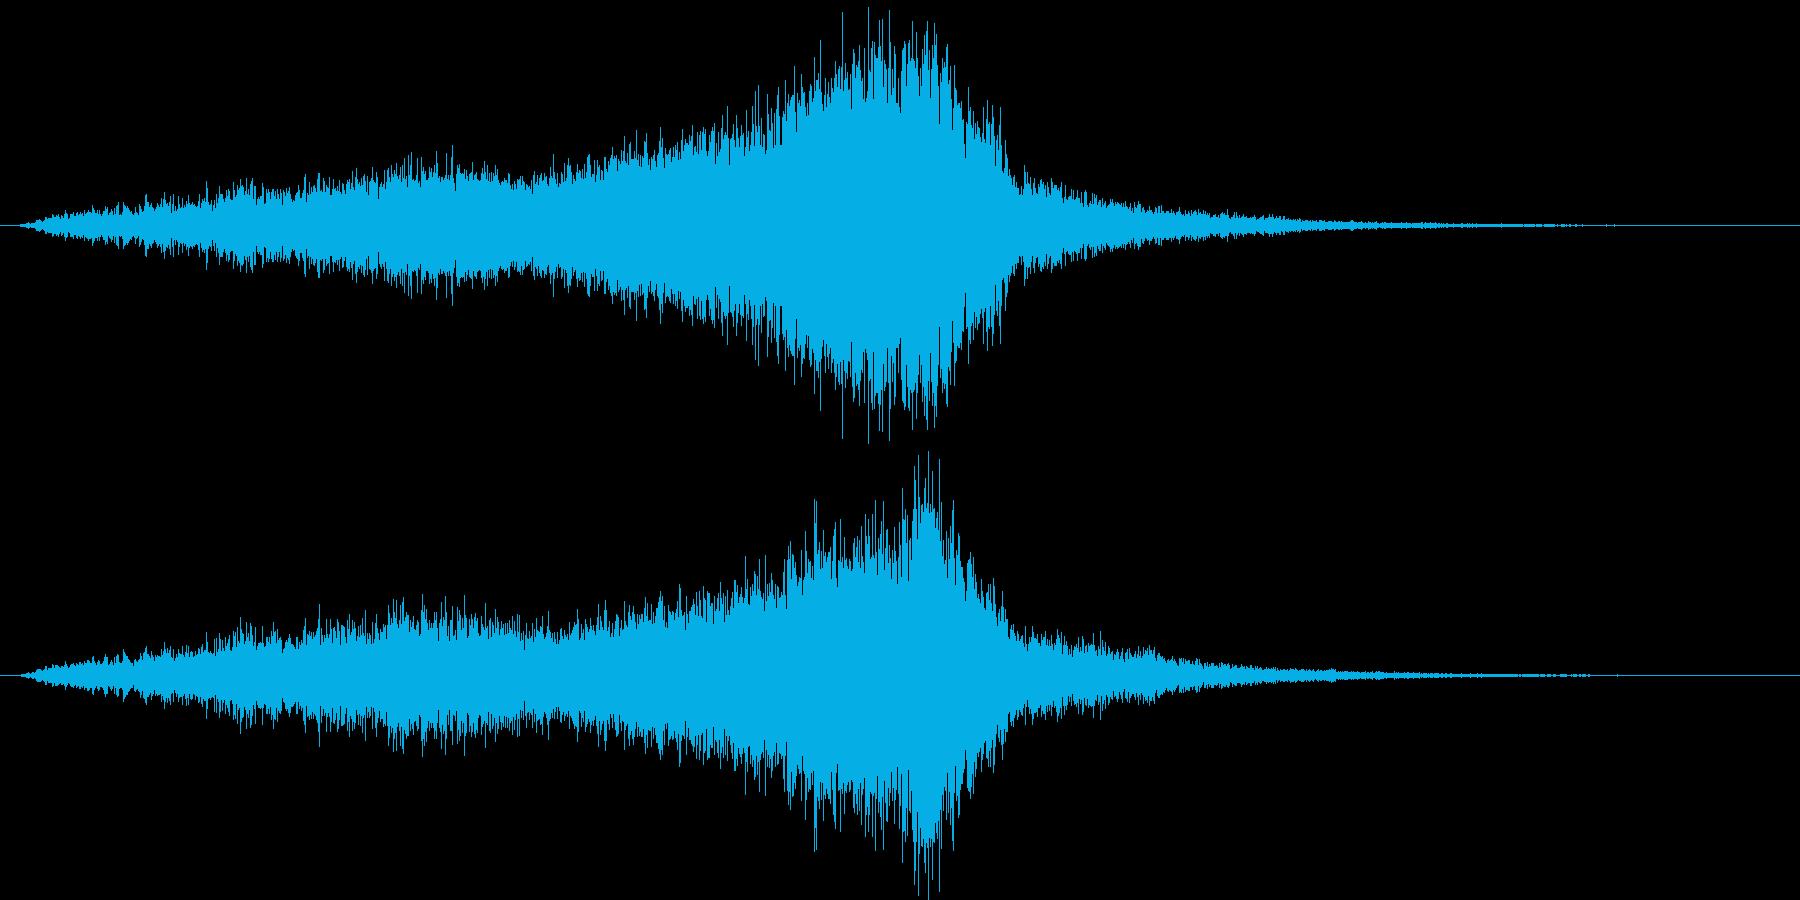 ホラーやサスペンスで使える効果音 2の再生済みの波形